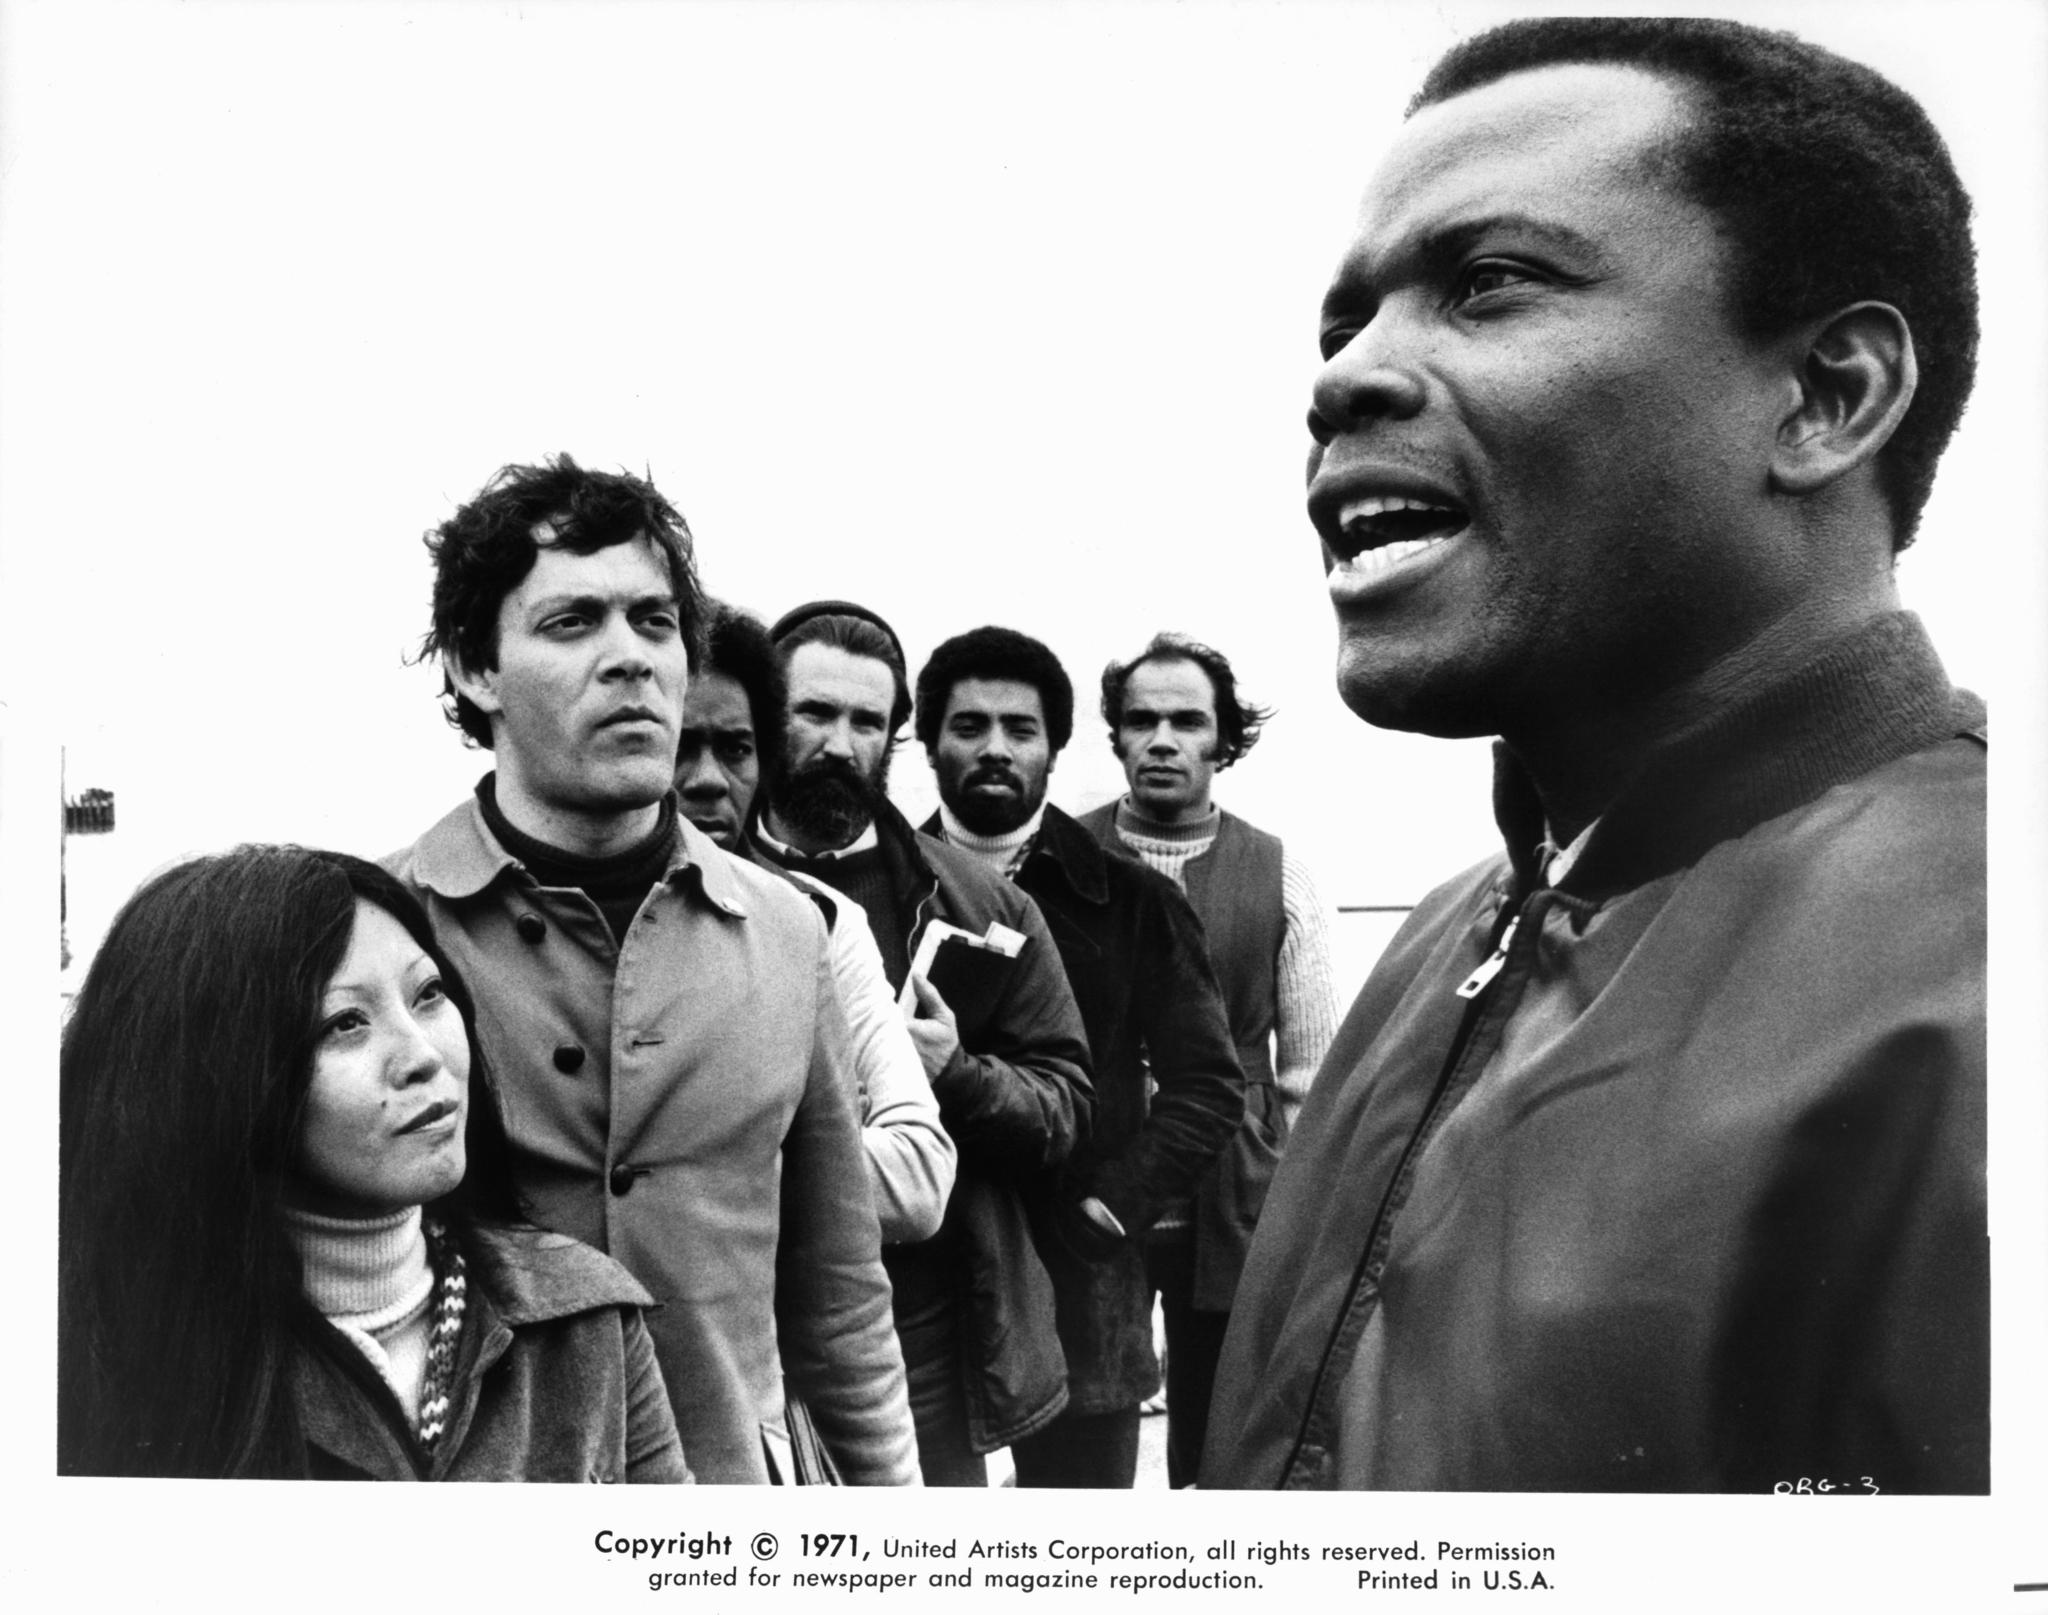 Raul Julia, Sidney Poitier, Lani Miyazaki, and Ron O'Neal in The Organization (1971)